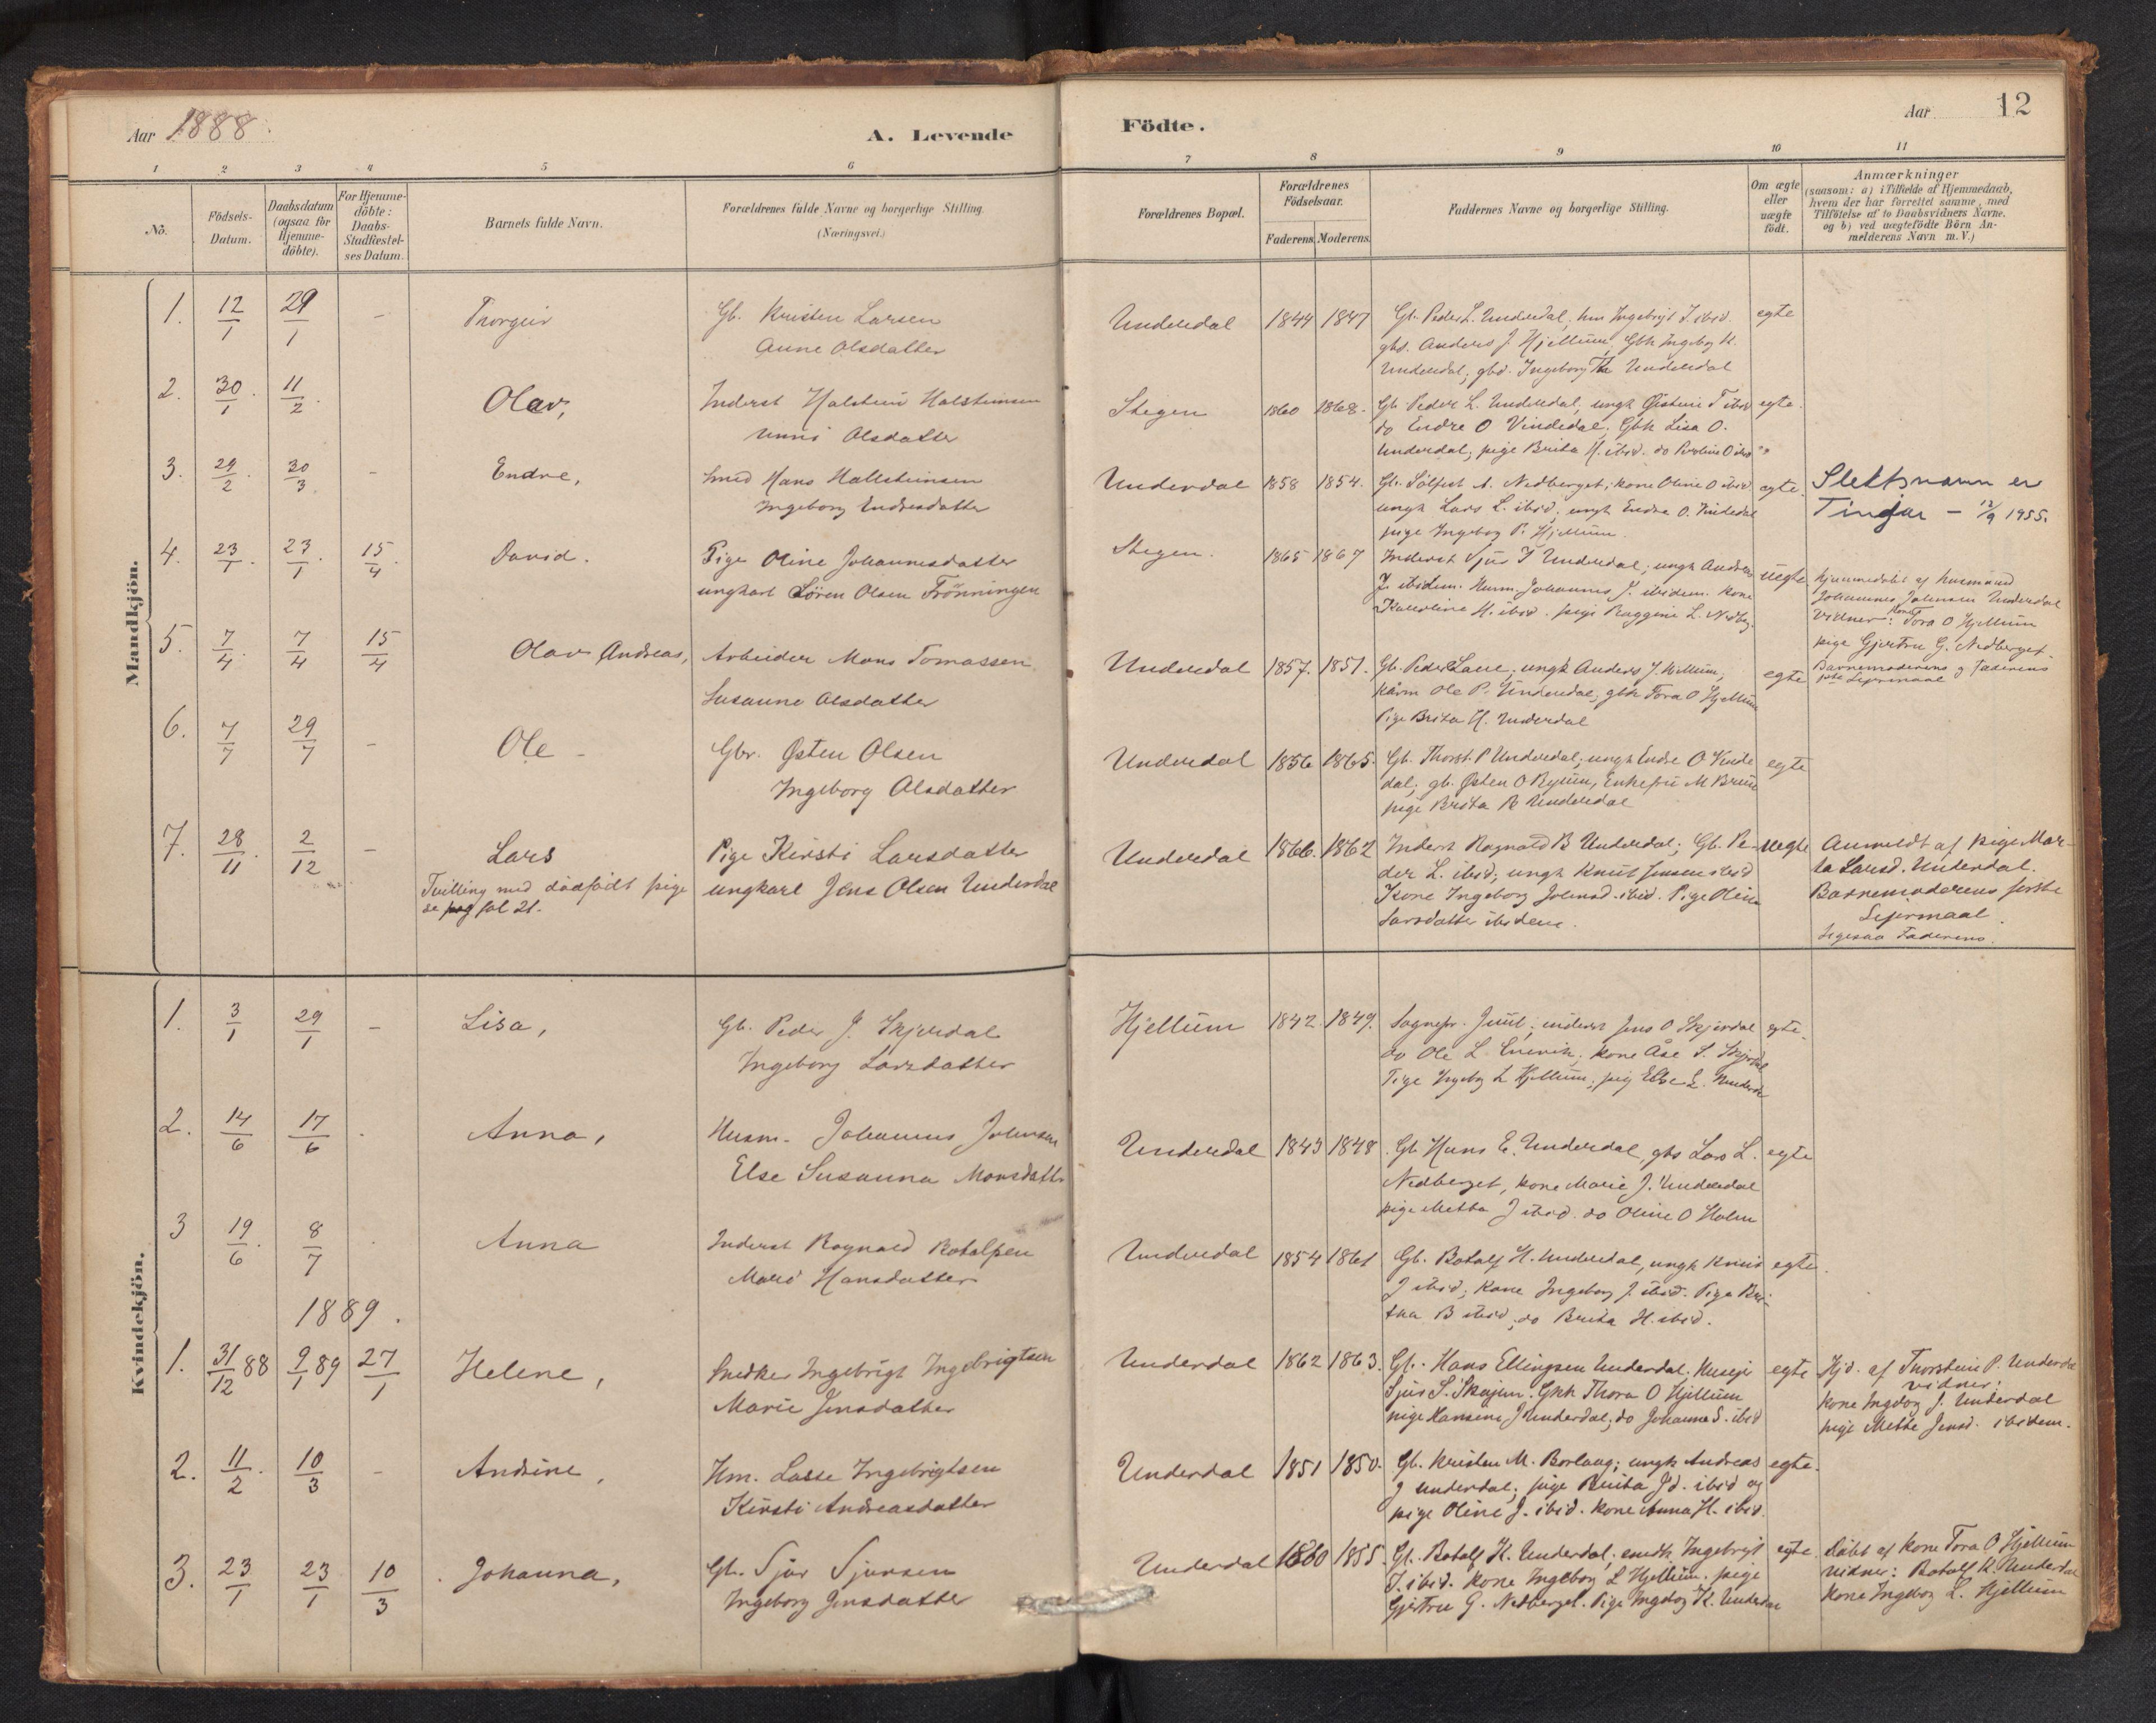 SAB, Aurland Sokneprestembete*, Ministerialbok nr. E 1, 1880-1907, s. 11b-12a